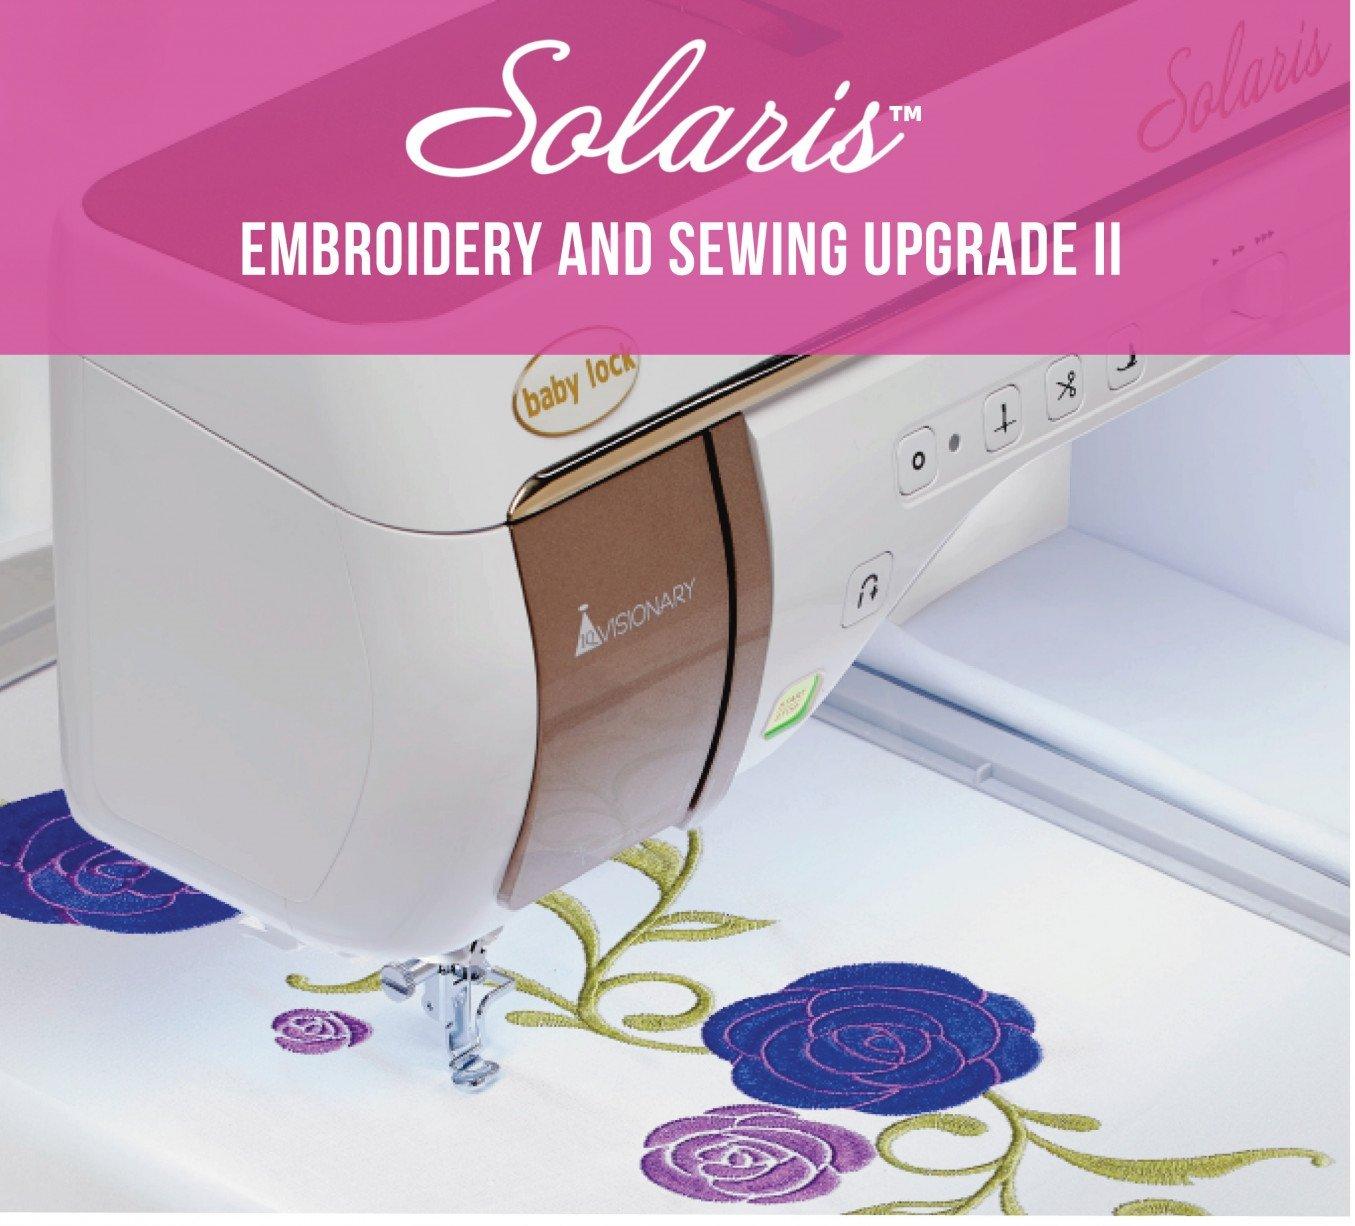 NEW Baby Lock Solaris Upgrade 2